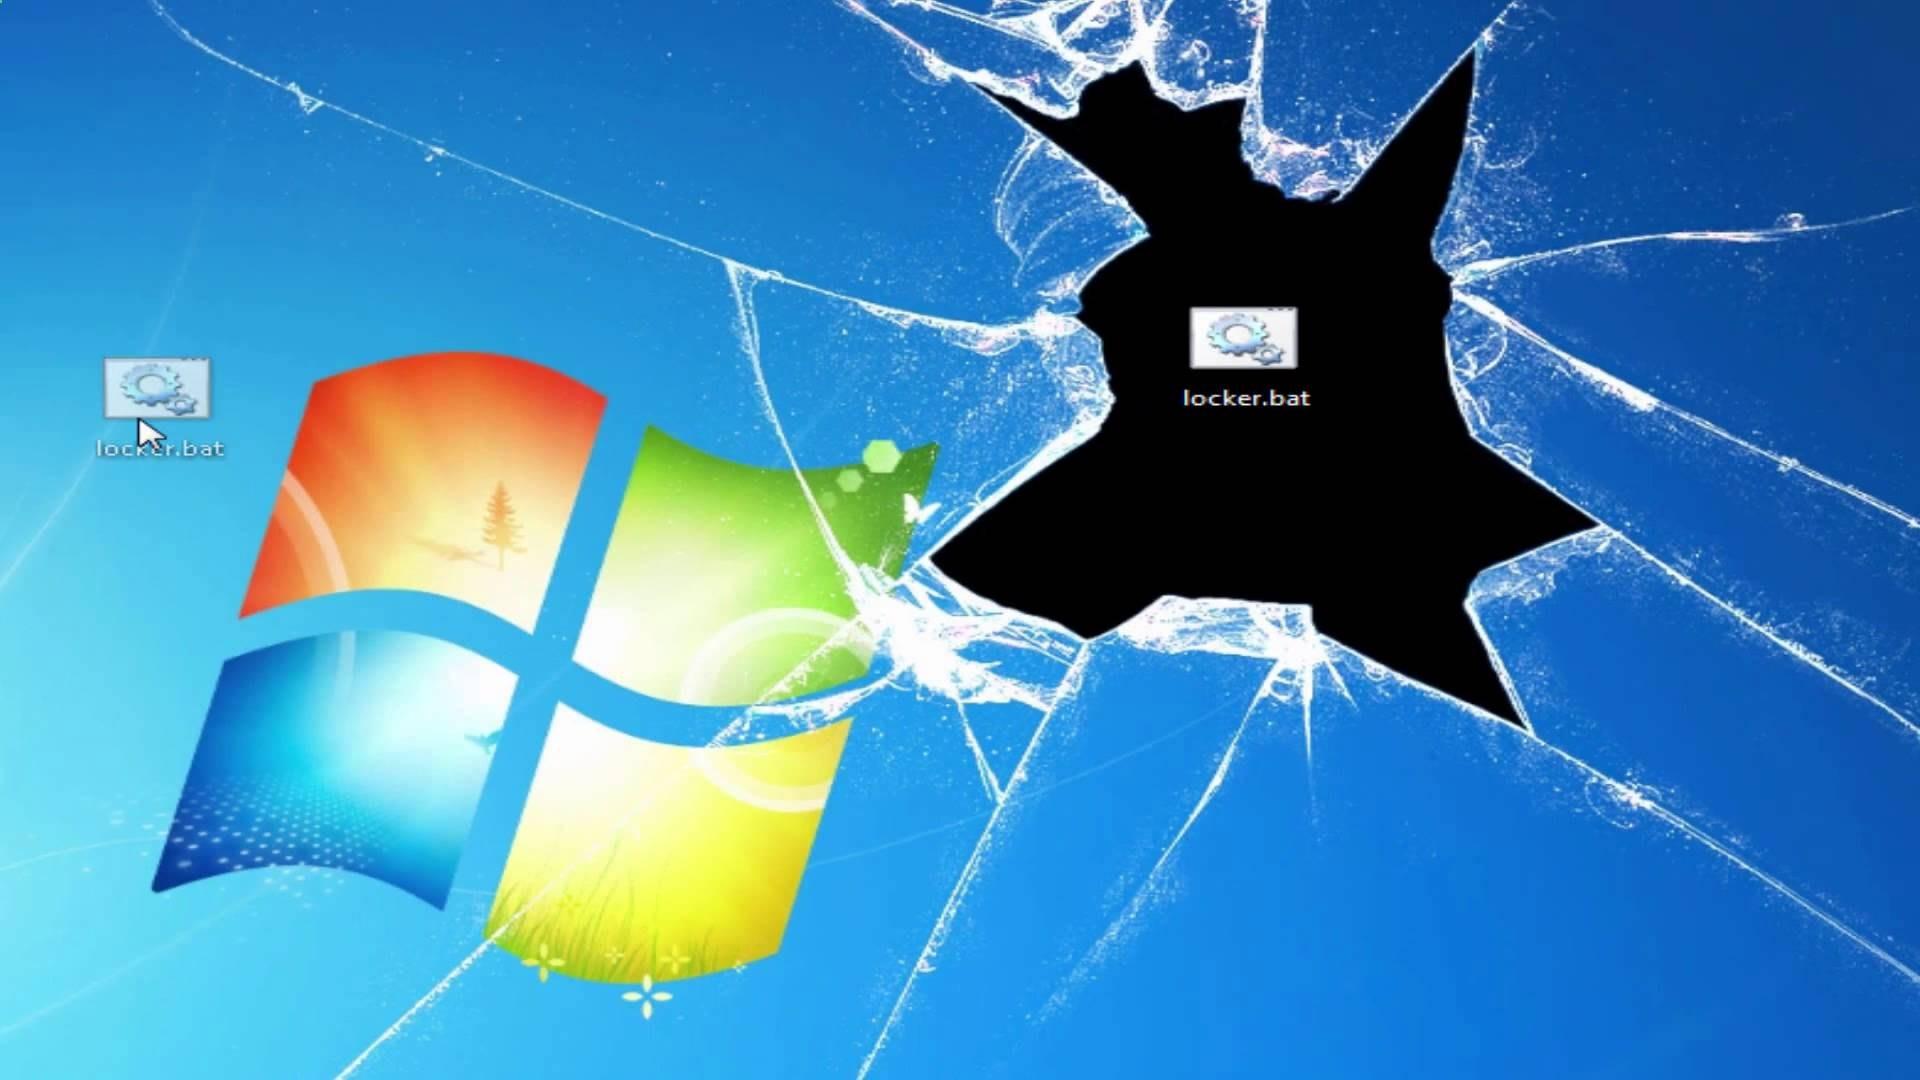 Fond d'écran cassé iphone - Page 2 de 3 - downloadwallpaper.org